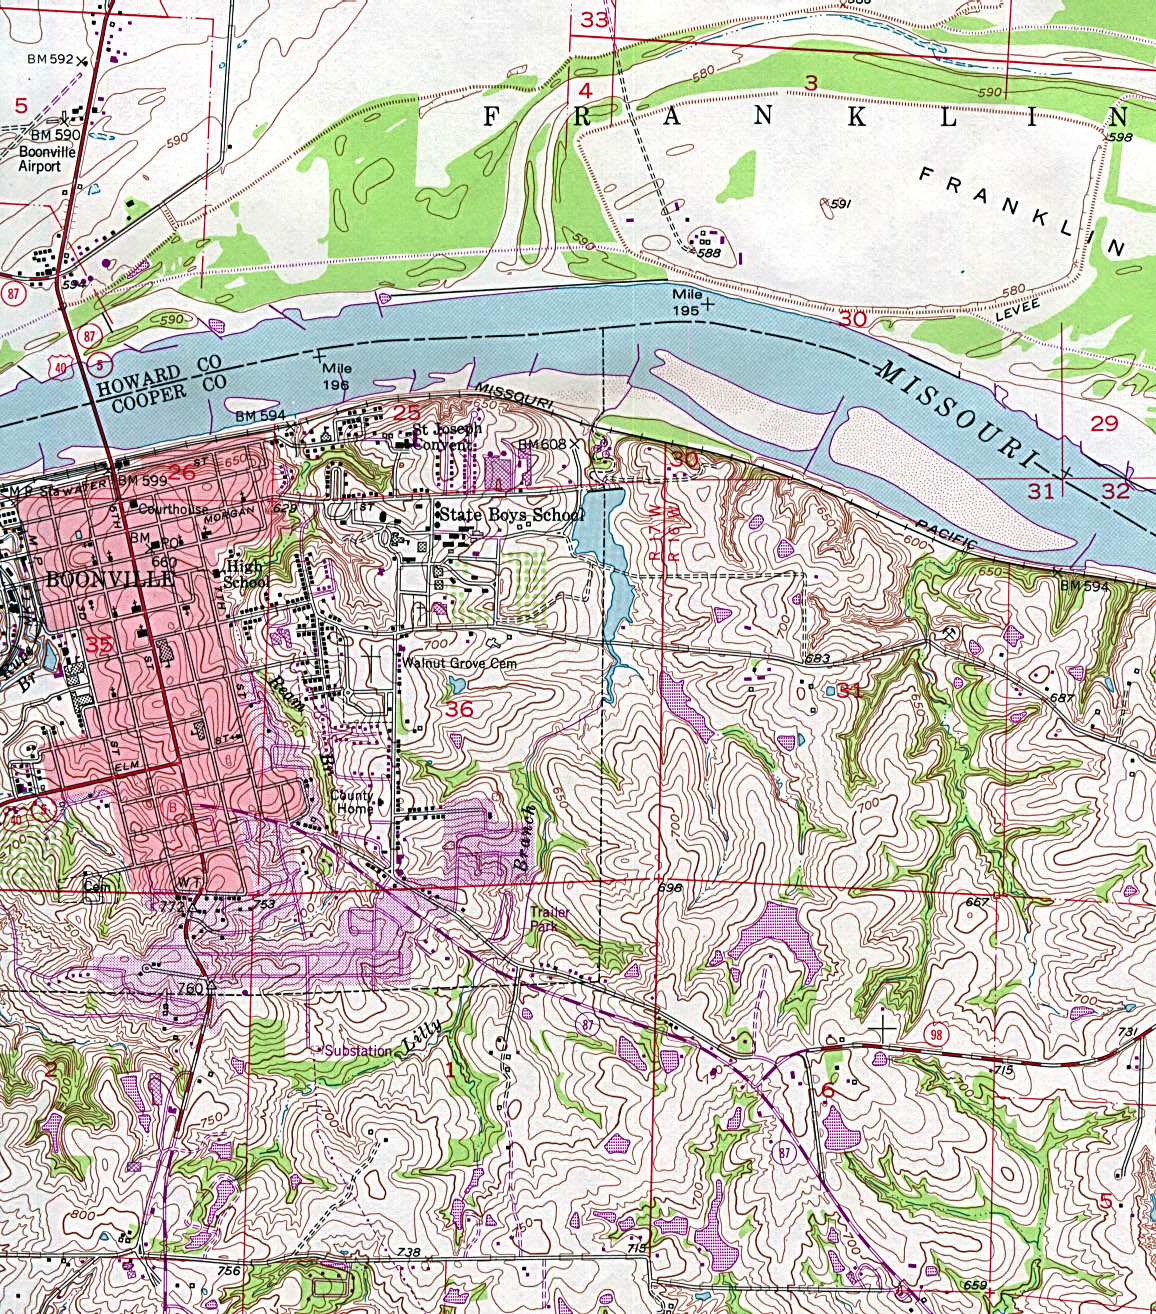 Mapa Topográfico de la Ciudad de Boonville, Missouri, Estados Unidos